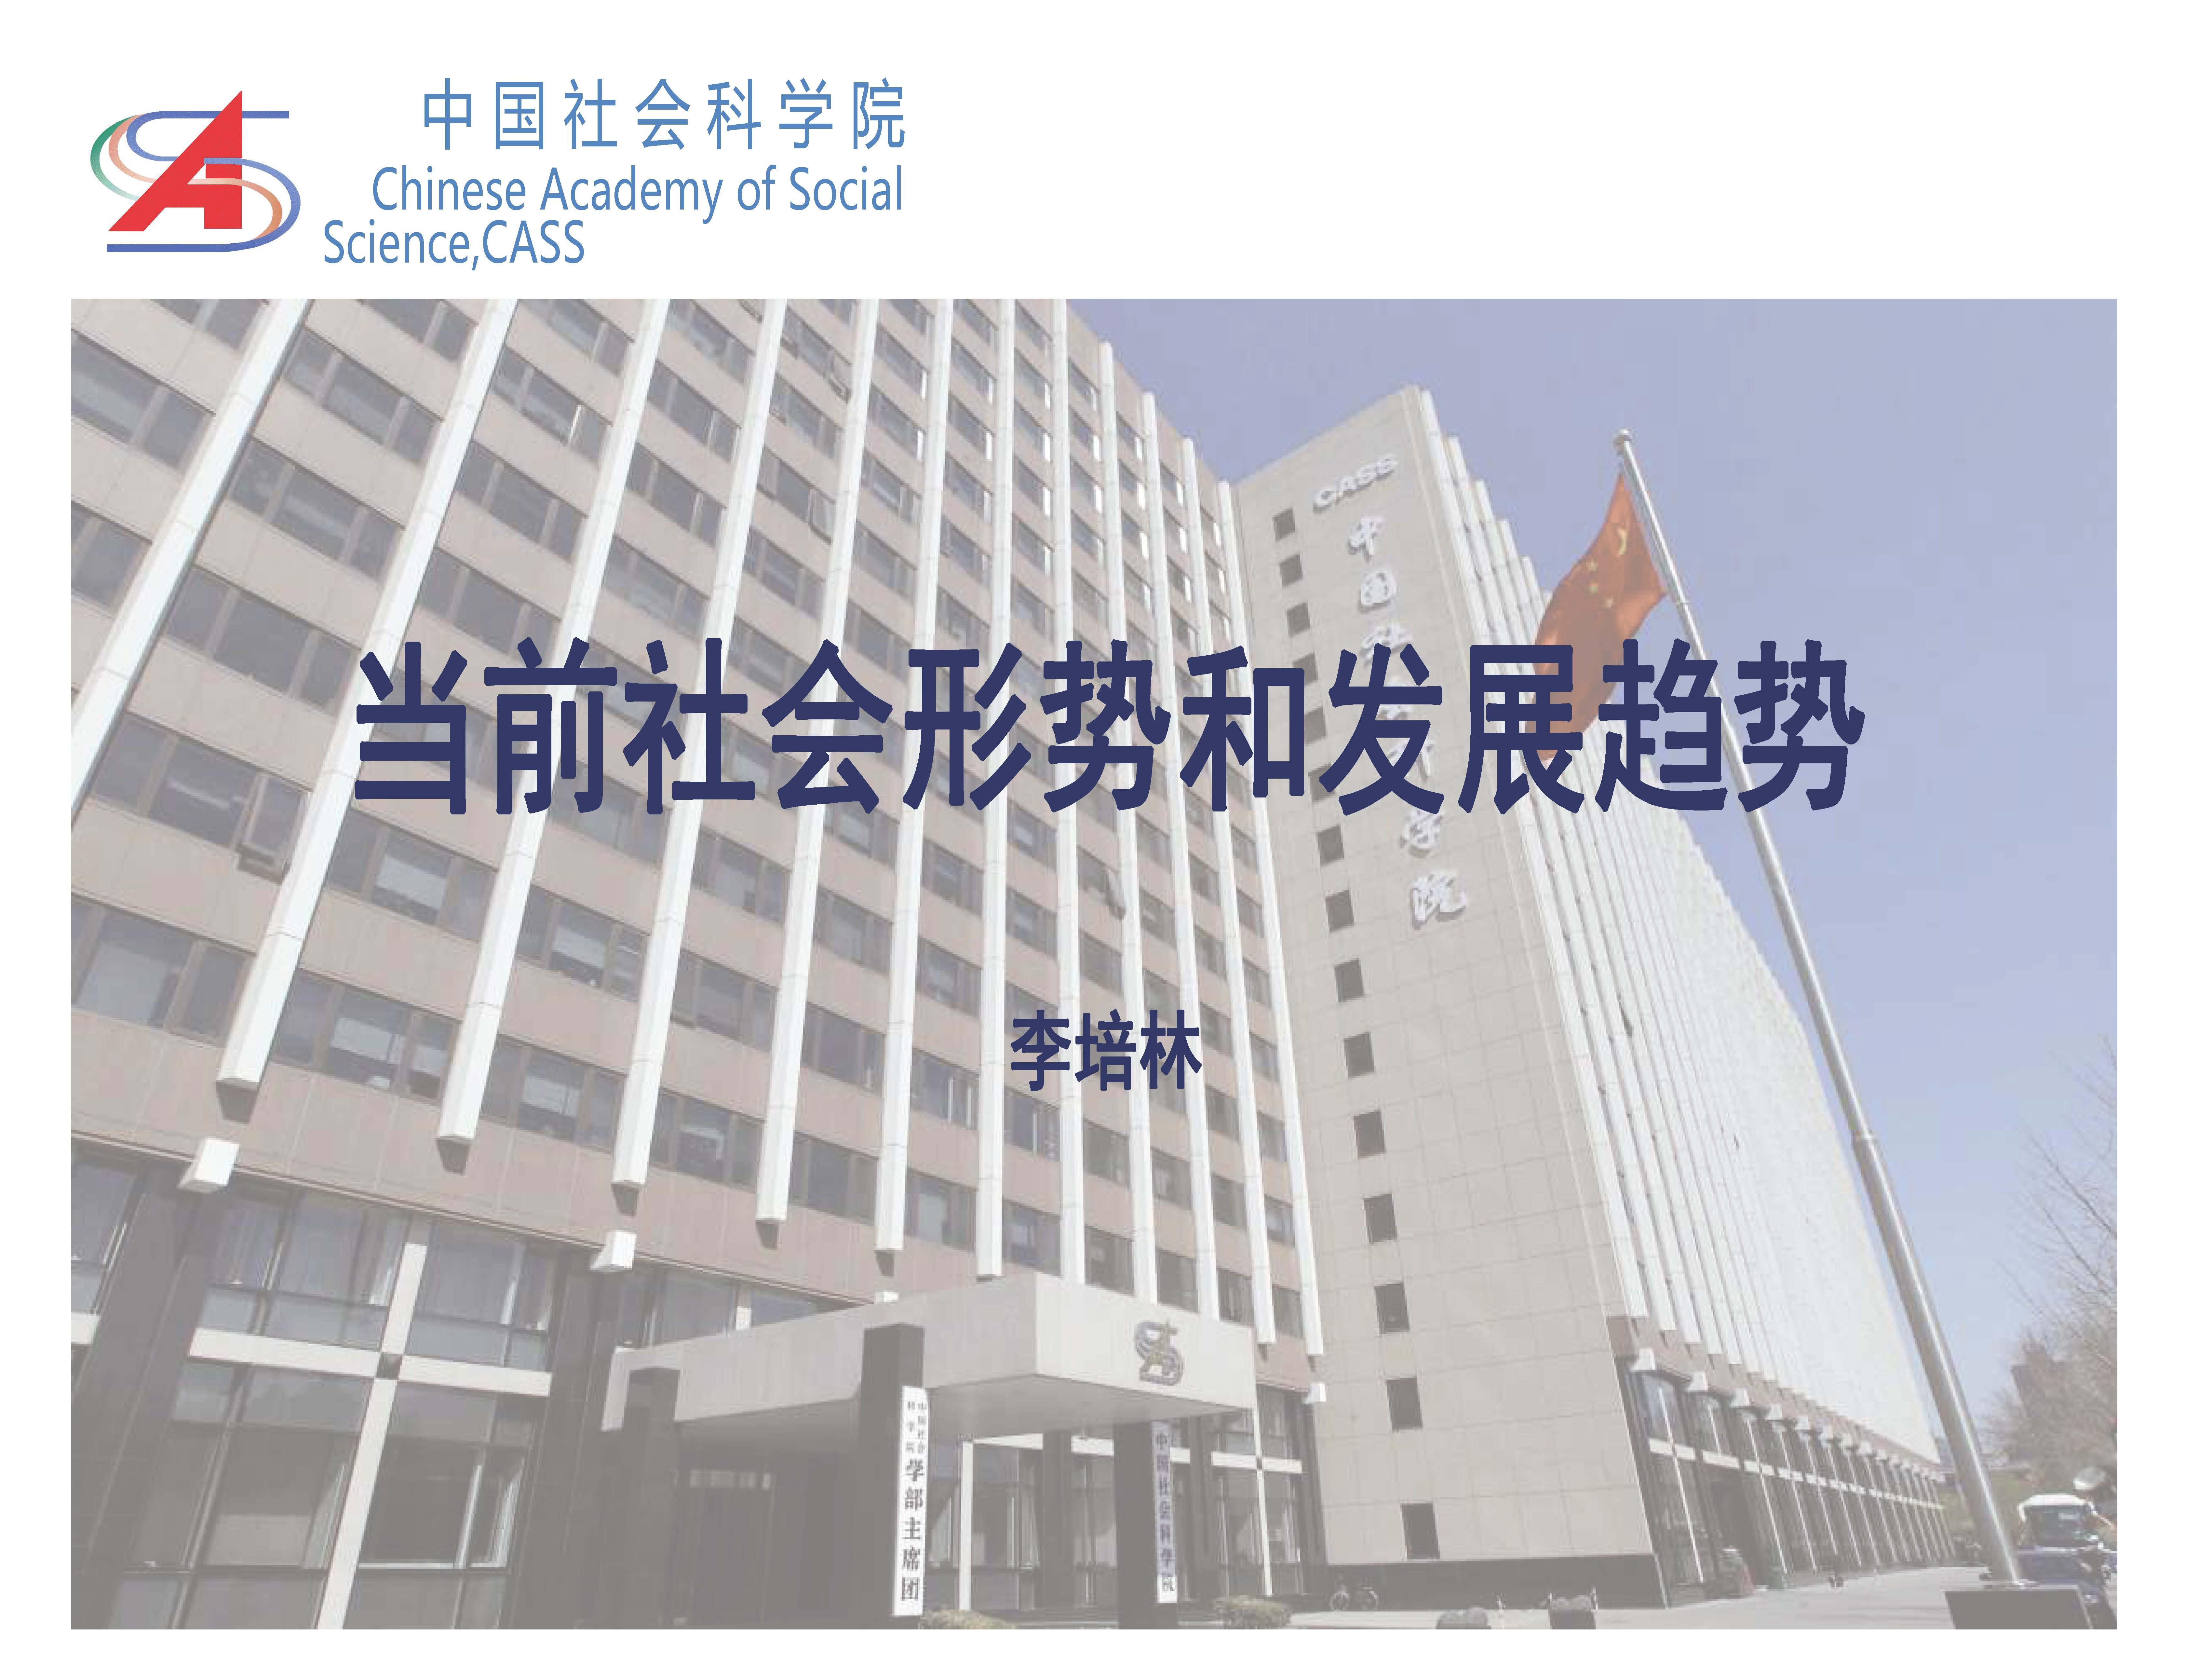 全国人大常委会委员、社会建设委员会副主任委员,中国社会科学院学部委员李培林:当前社会形势和发展趋势